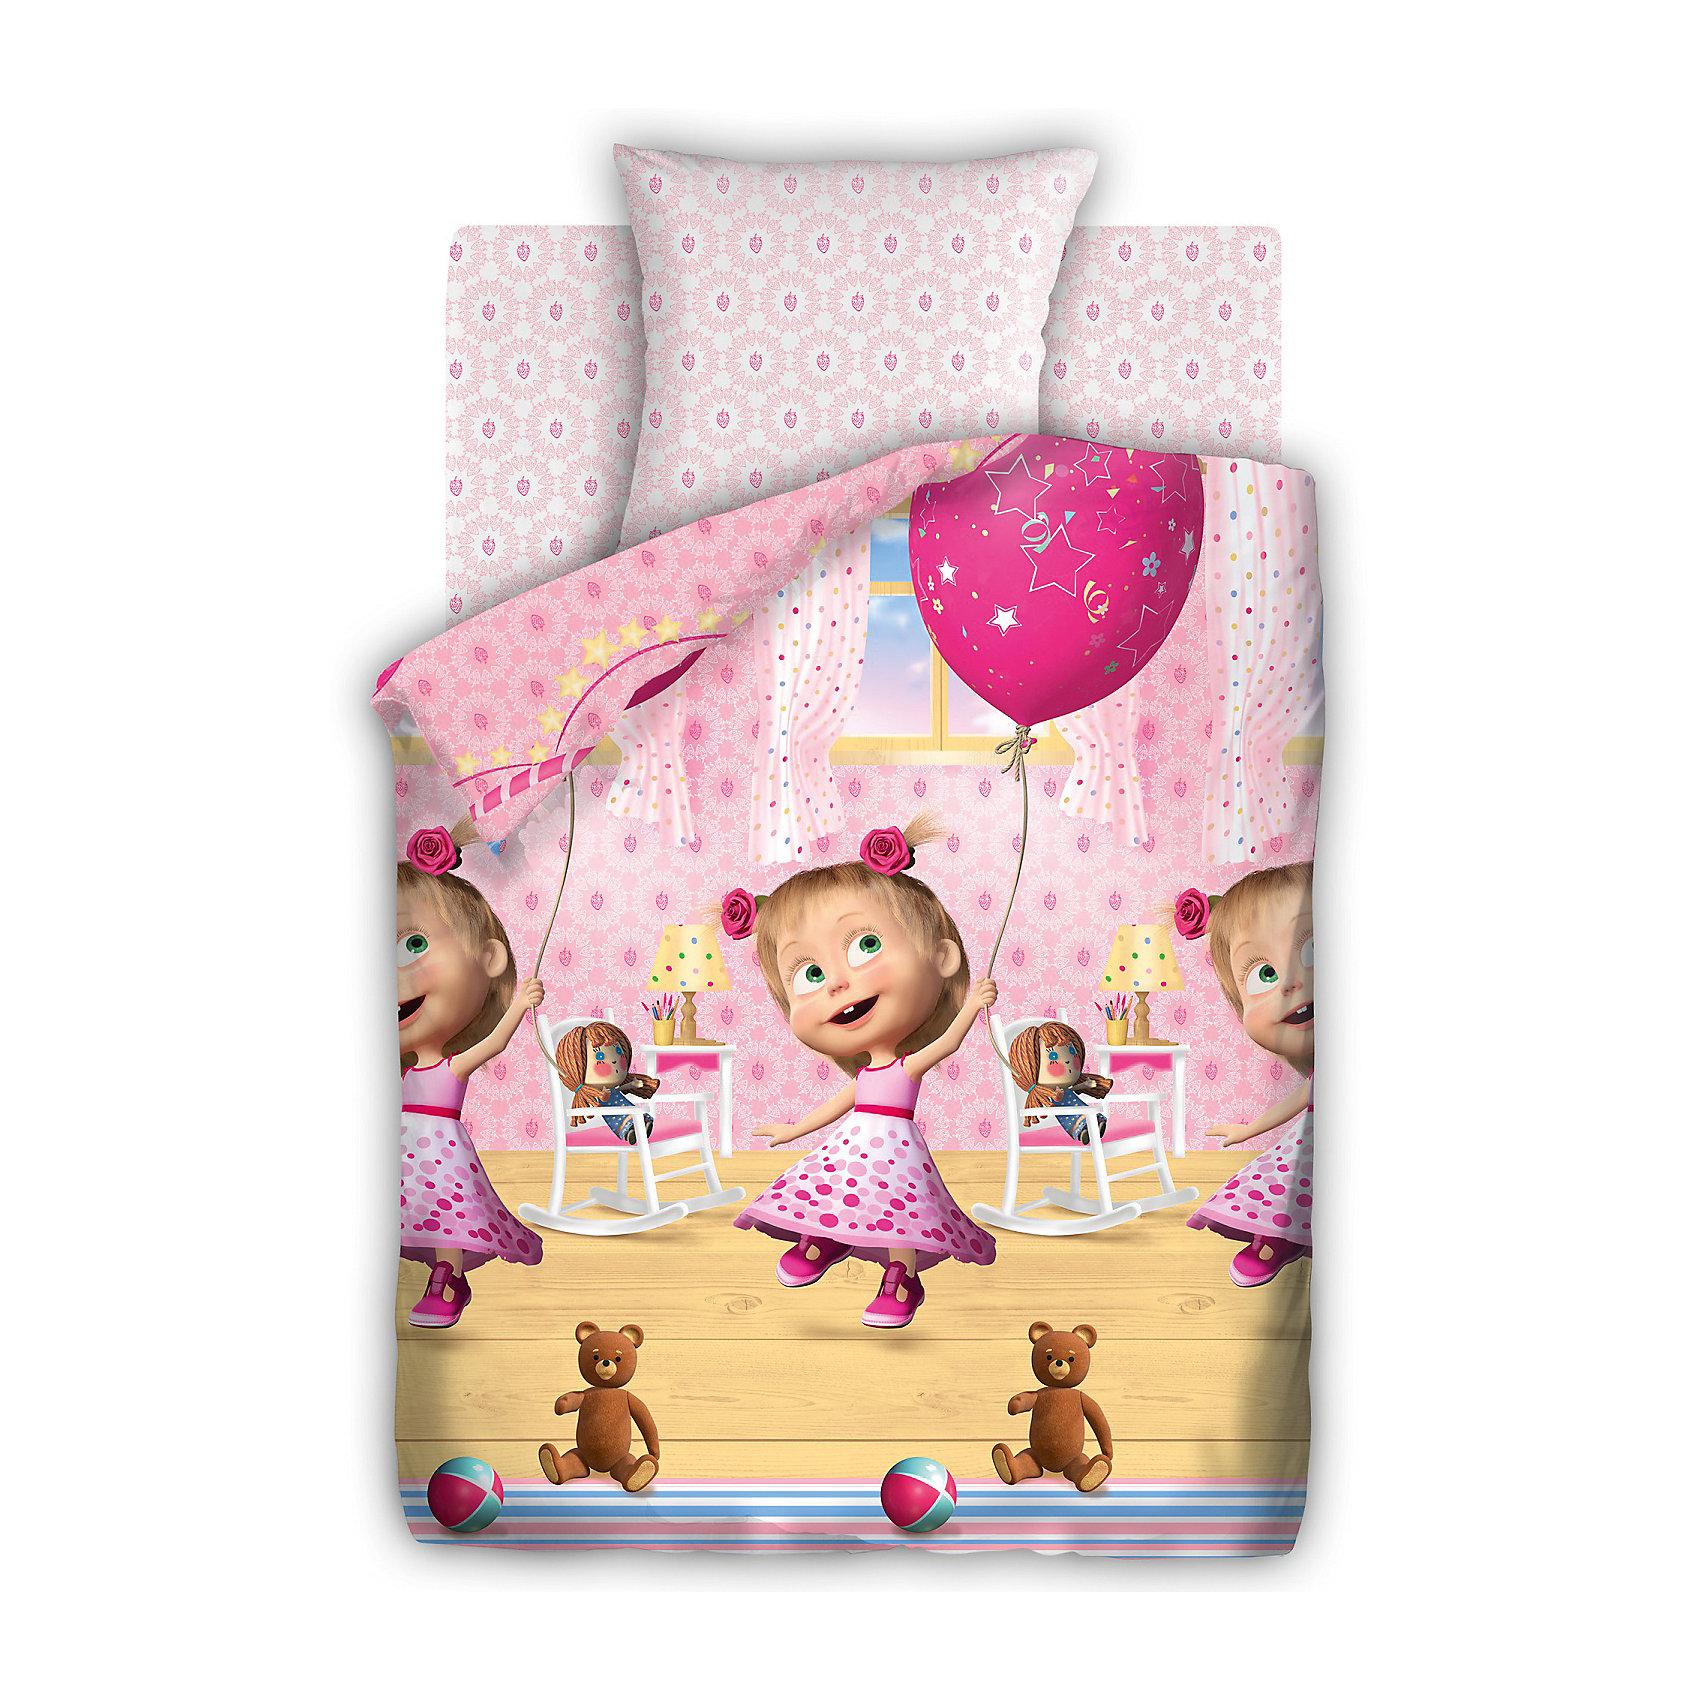 - Постельное белье 1,5 День Рождения, бязь, 50*70, Маша и Медведь постельное белье кпб mg 02 1 5 спальный 1100854